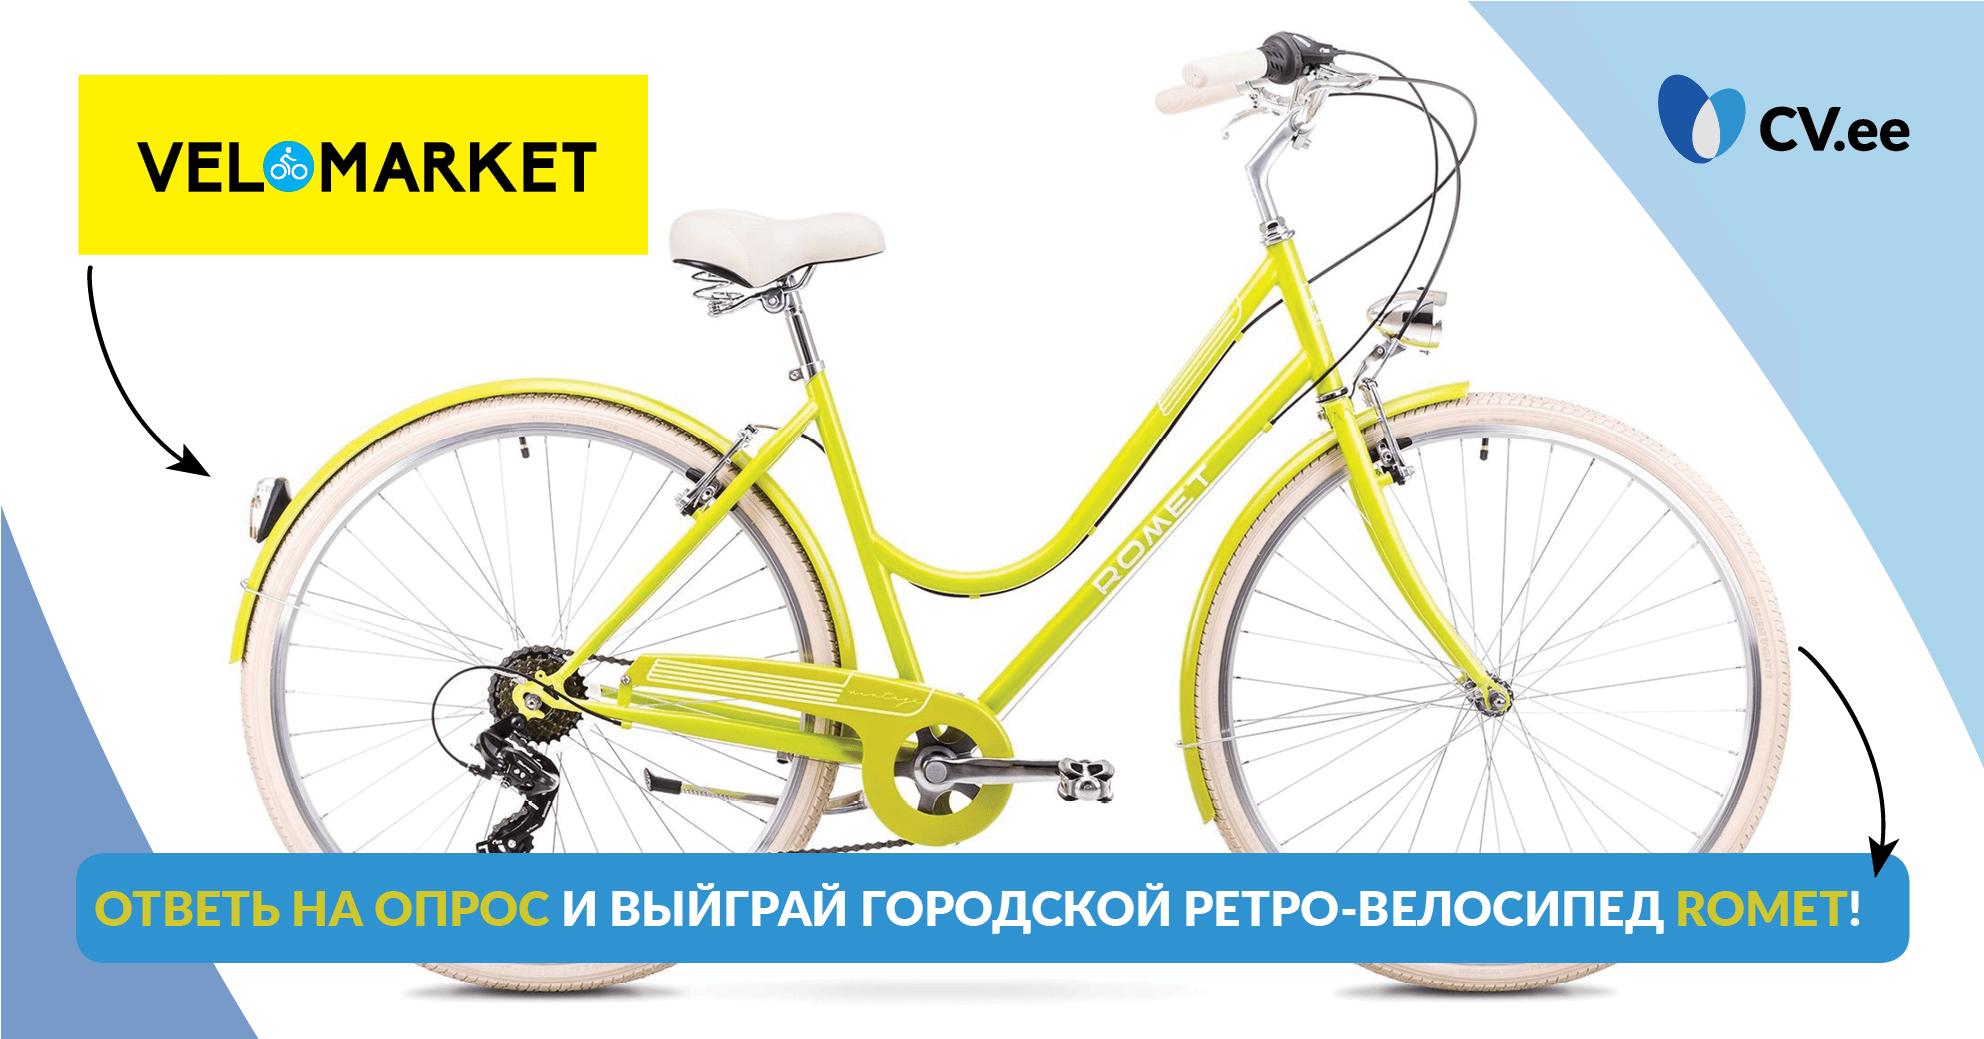 CV.ee и Velomarket: выйграй в летней кампании #rattagatööle городской ретро-велосипед Romet и стань умнее в веложизни!